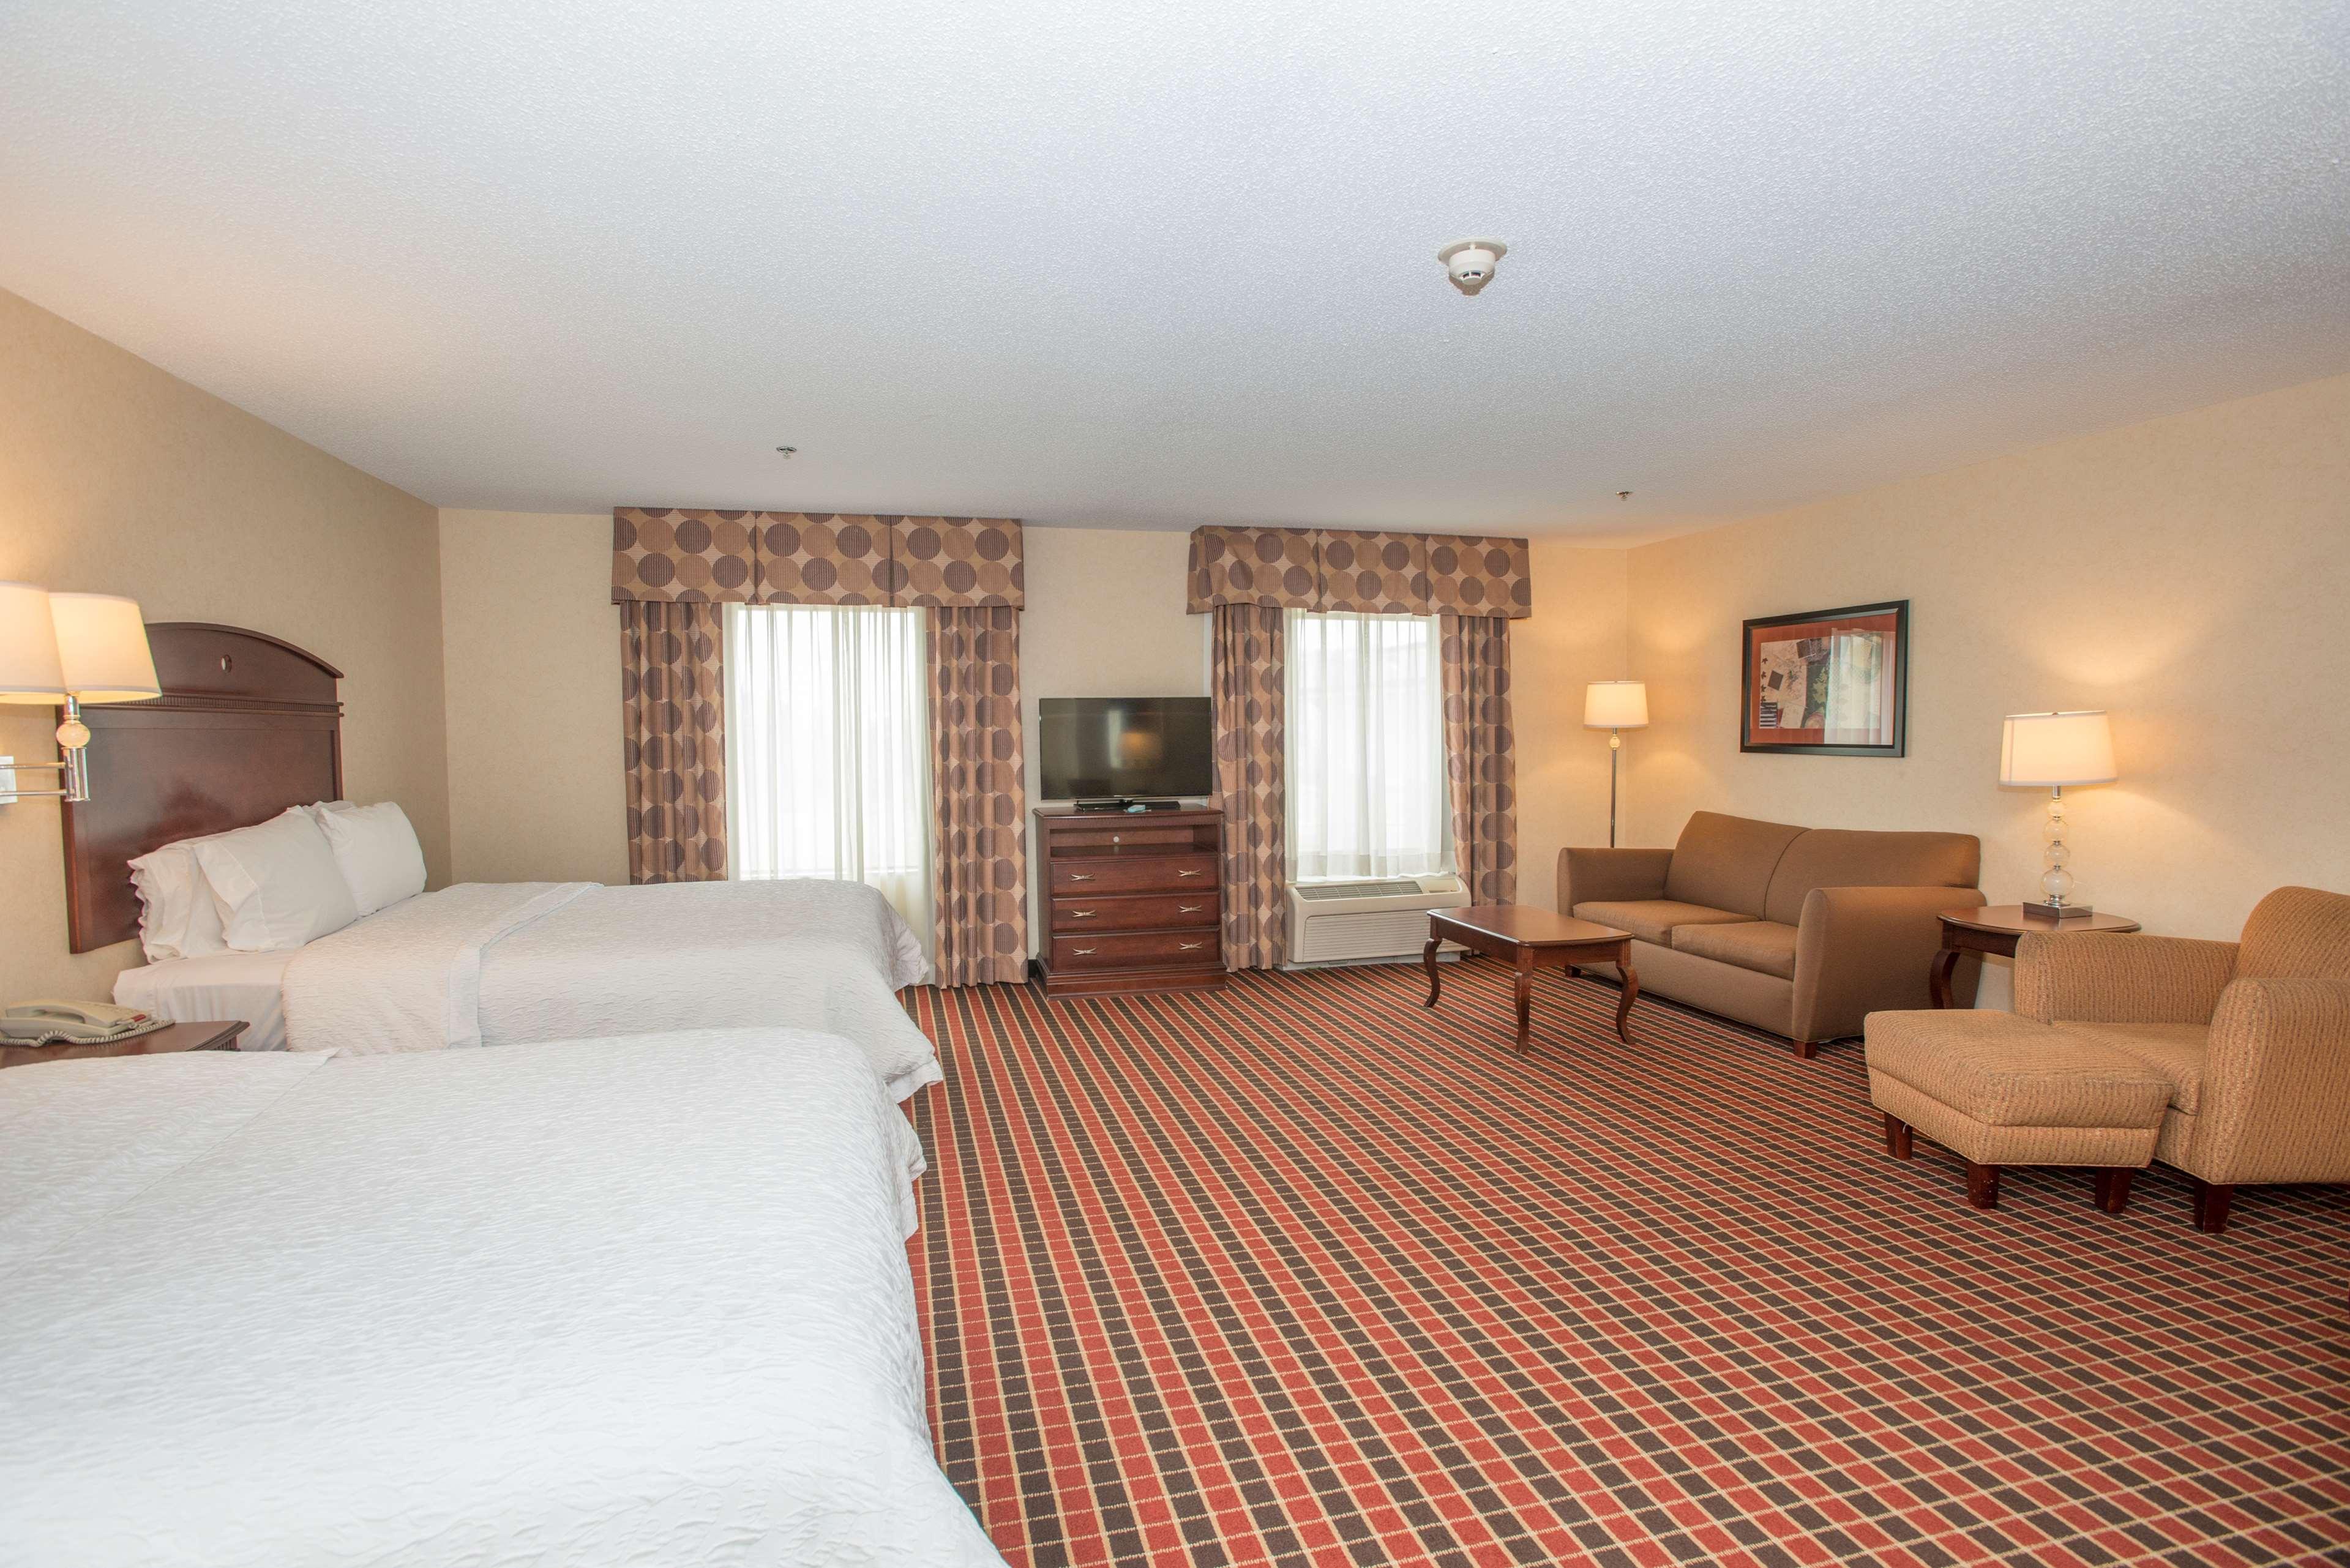 Hampton Inn & Suites Dayton-Airport image 25